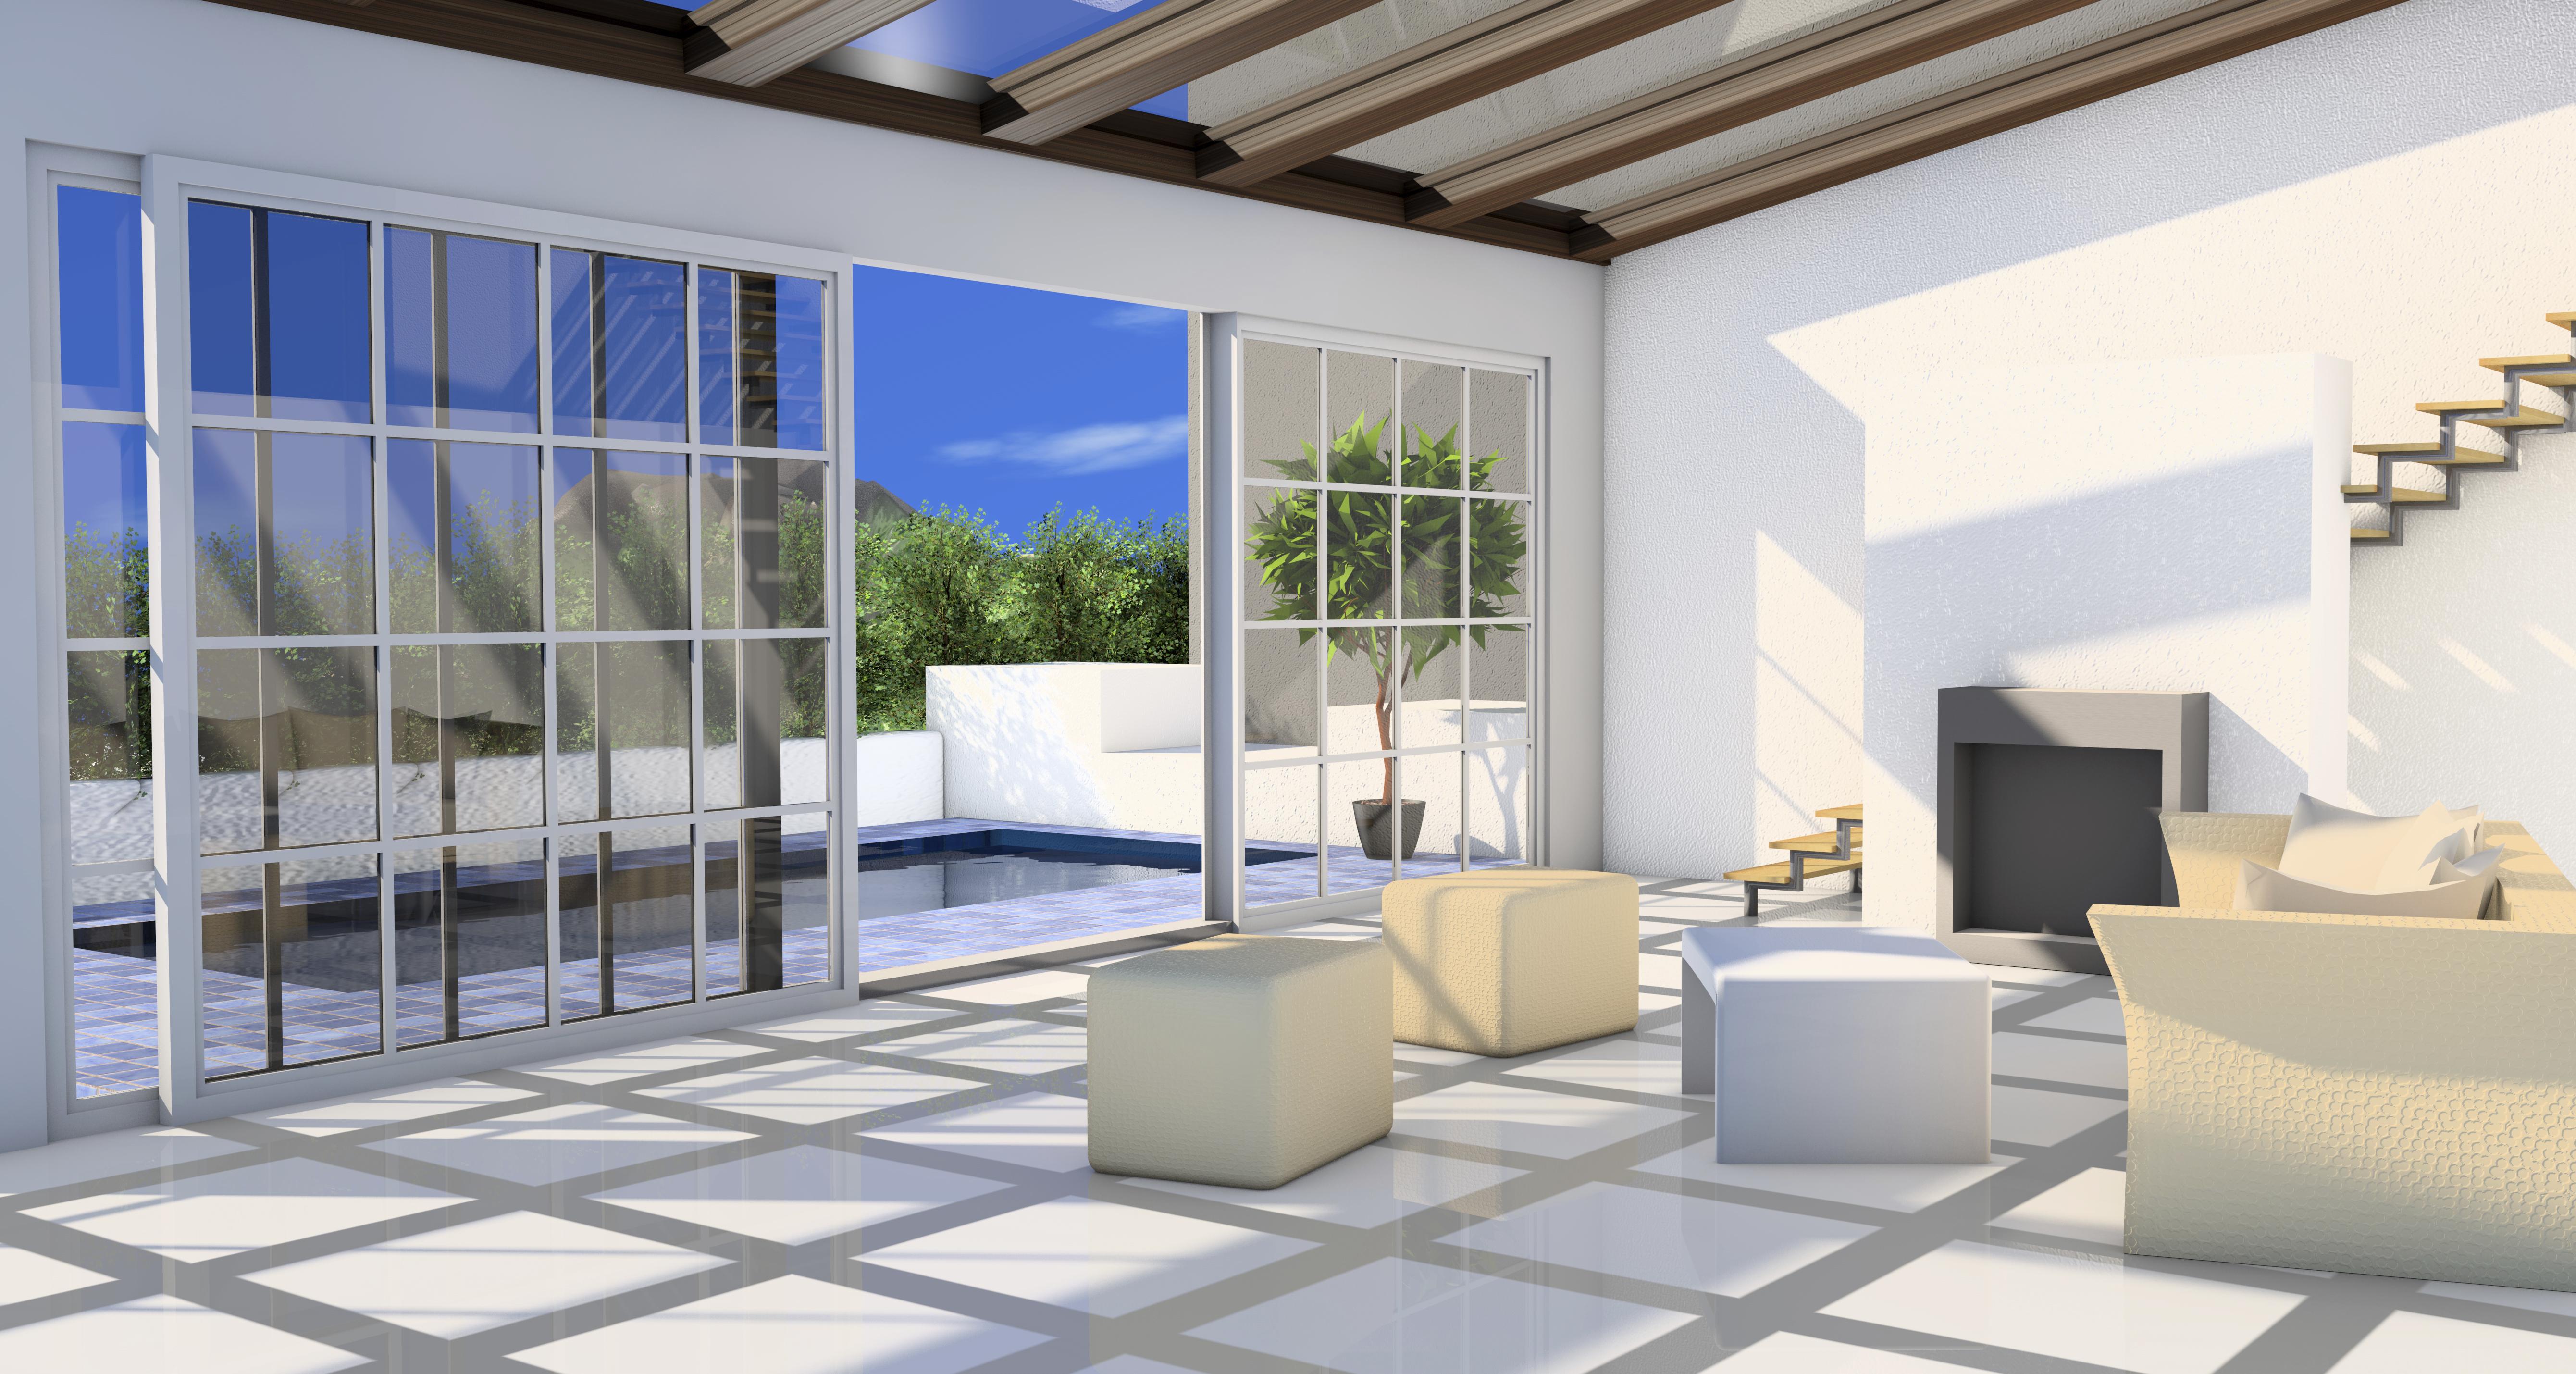 Acristalamientos de terrazas productos de cristaler a for Acristalamiento de terrazas precios